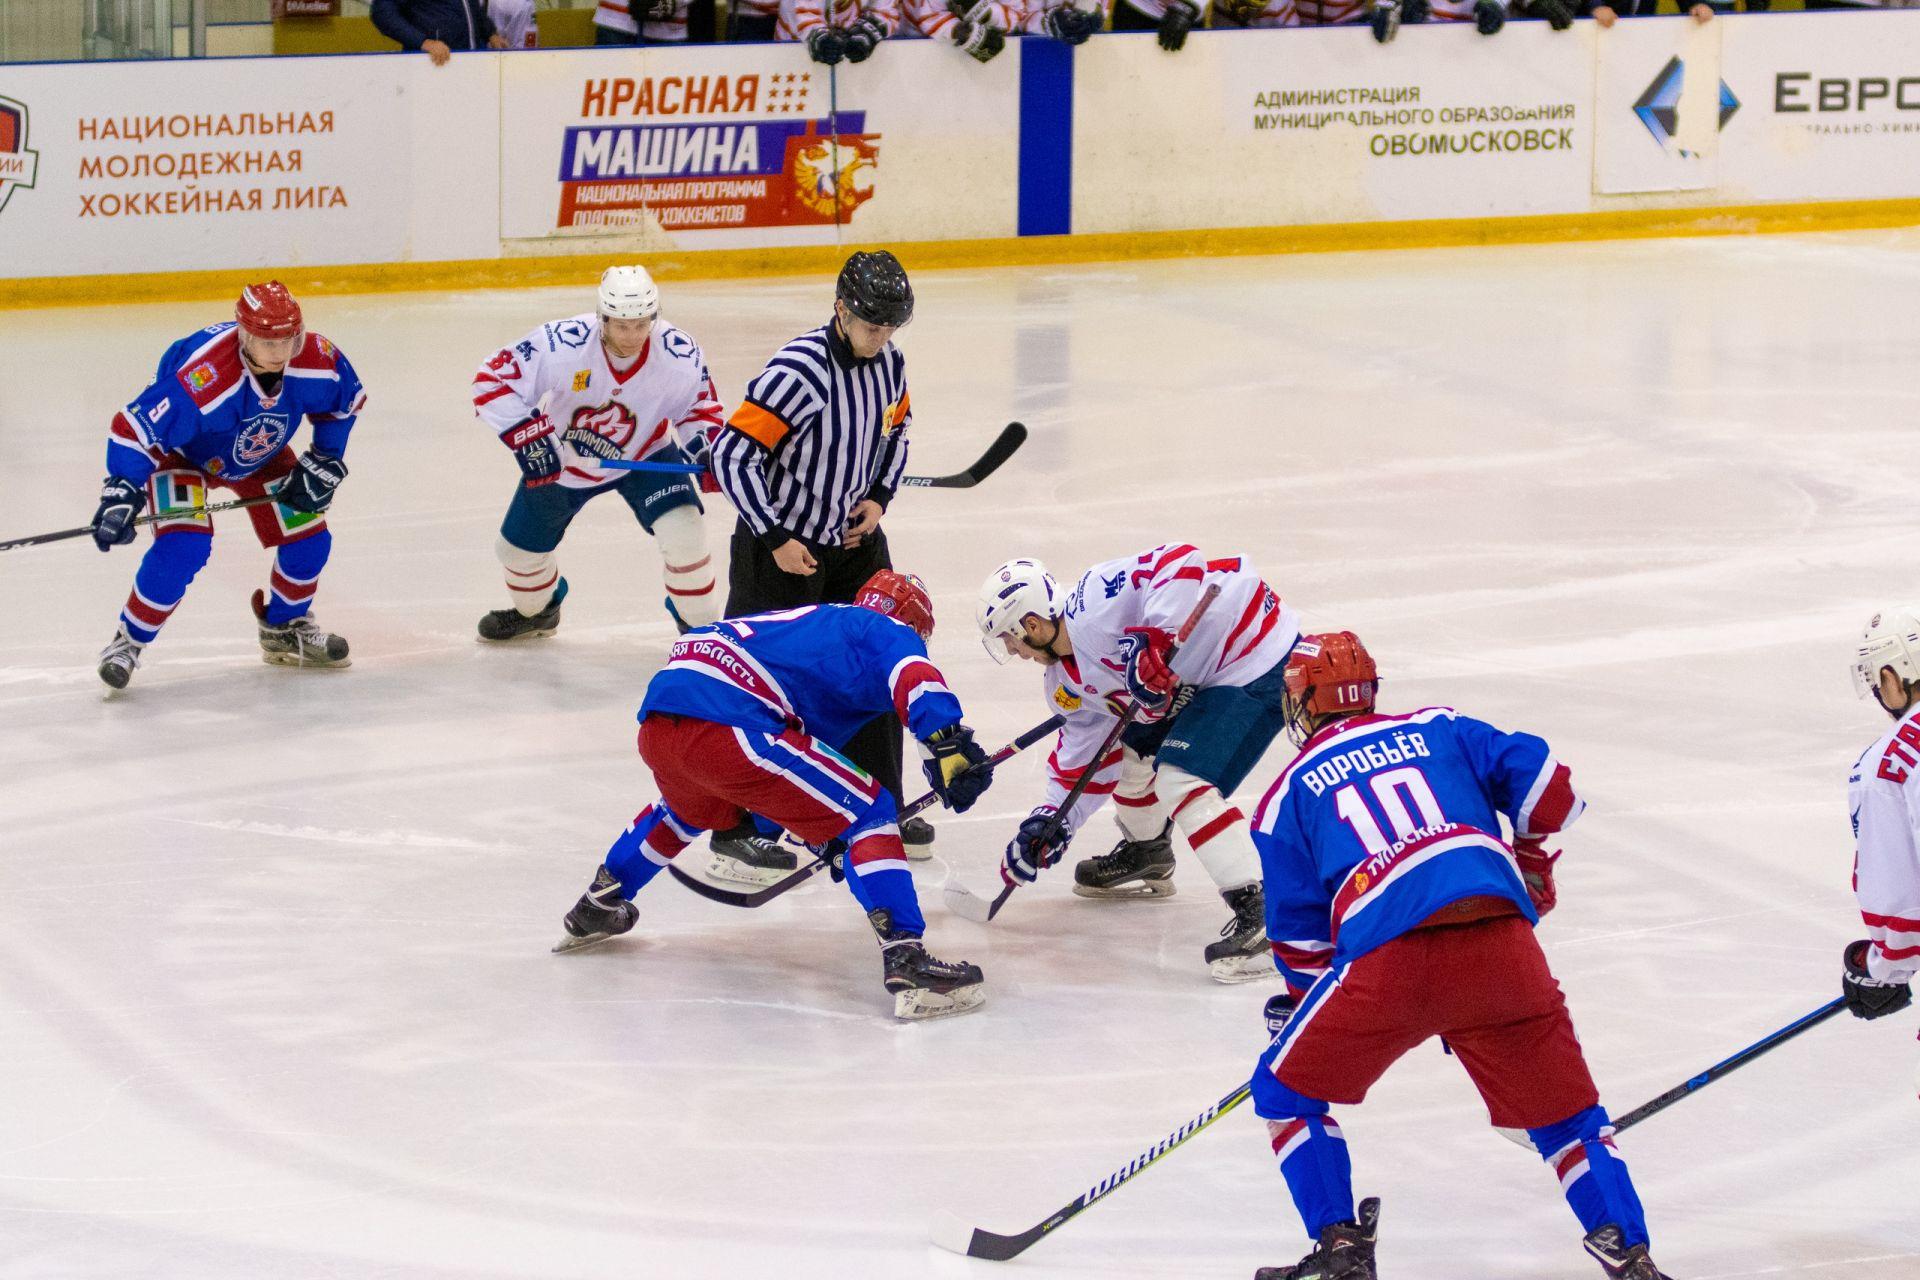 Состав молодёжной команды «Олимпия» укрепили шестью новыми игроками.